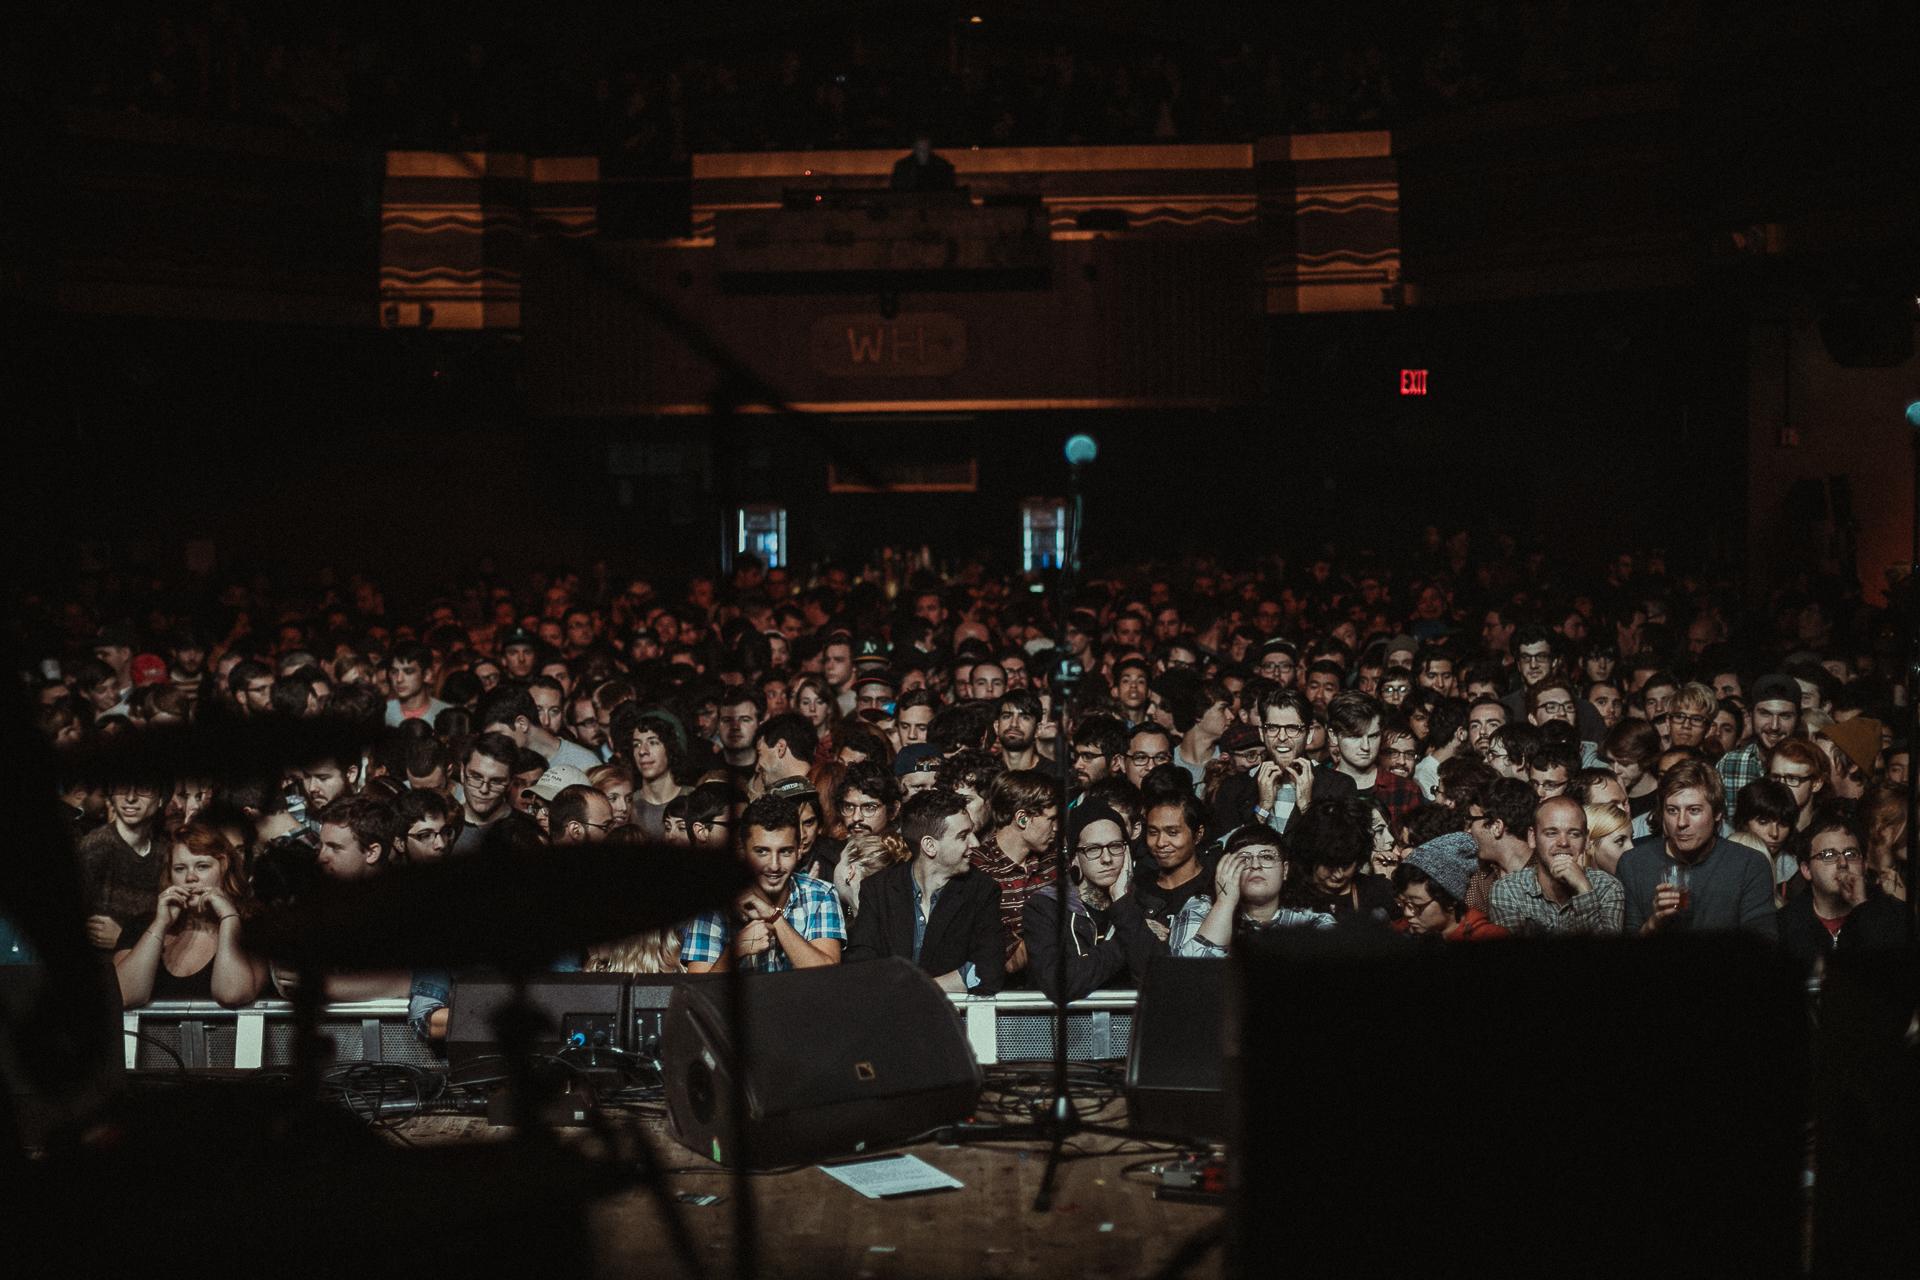 af crowd-4051.jpg